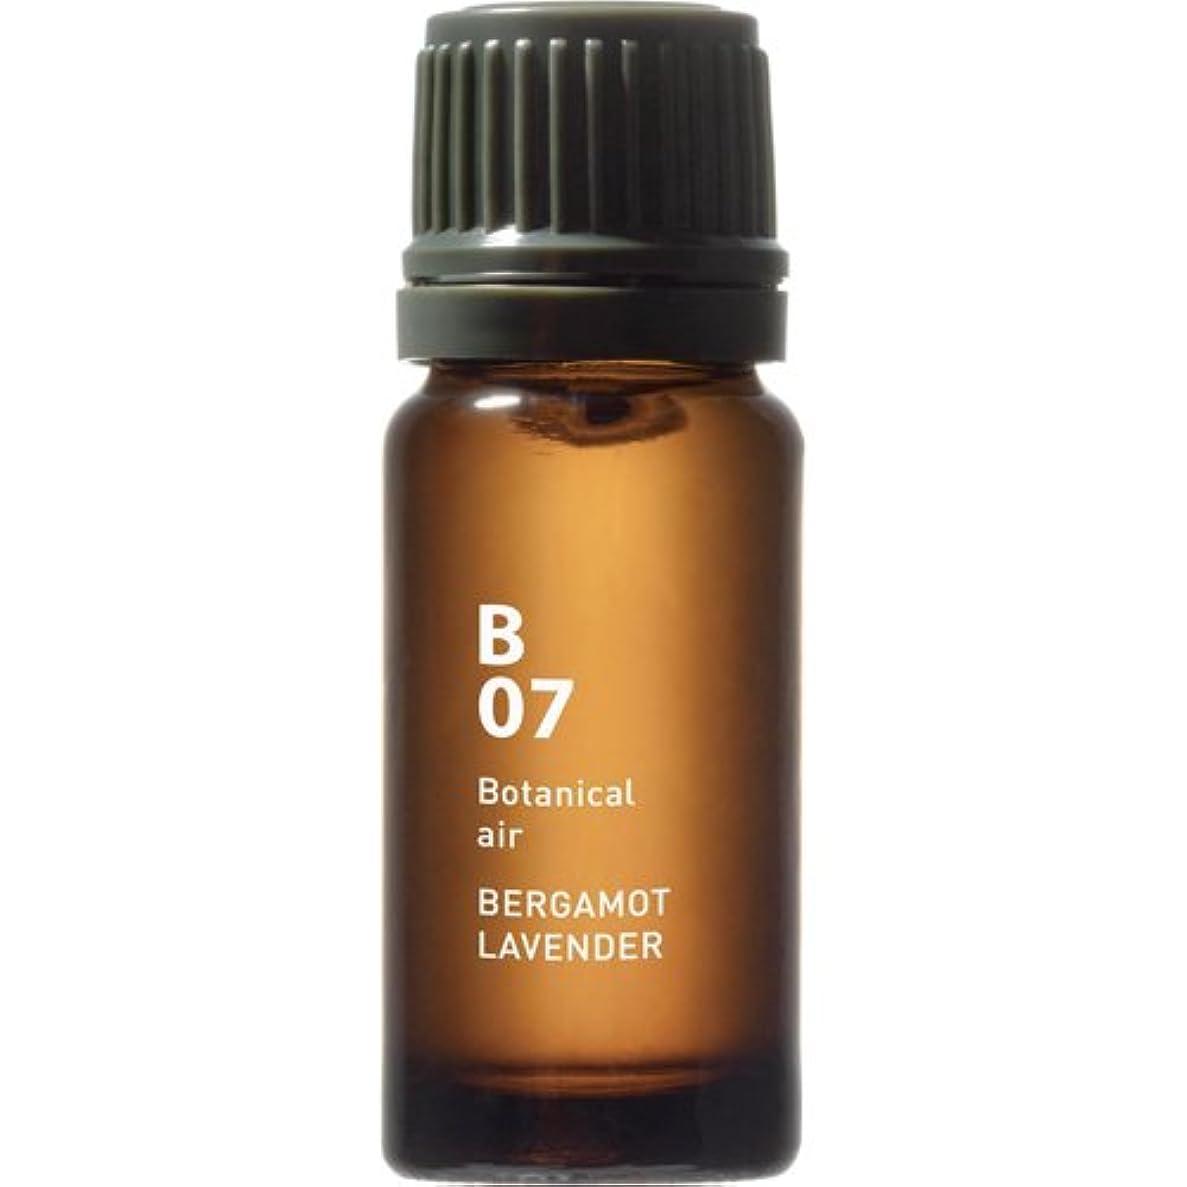 おしゃれじゃない穿孔する親B07 ベルガモットラベンダー Botanical air(ボタニカルエアー) 10ml